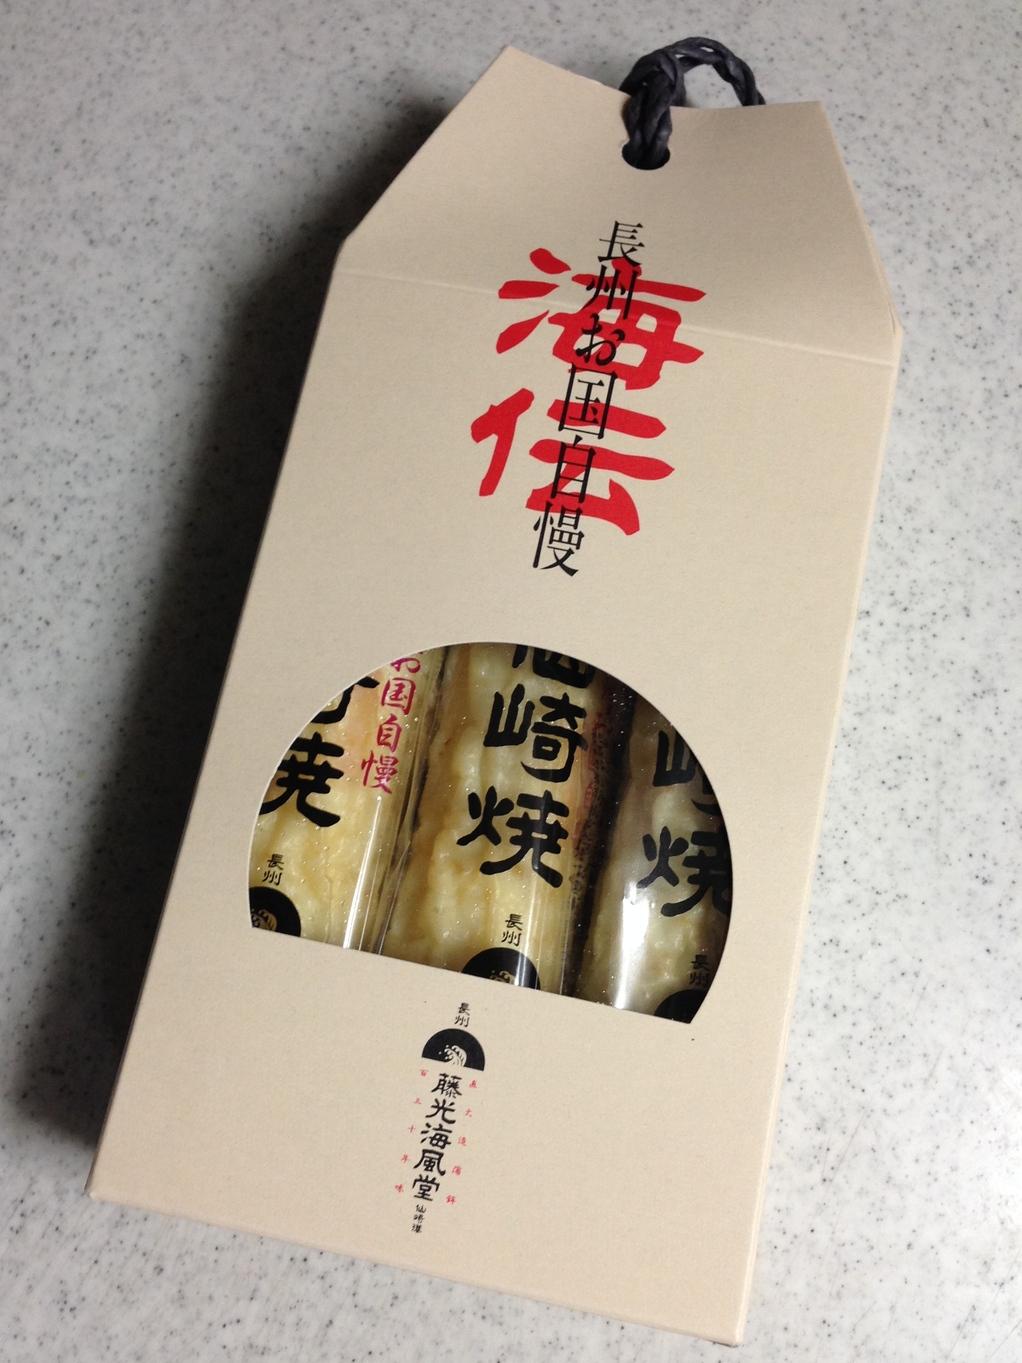 山九水産 新山口売店